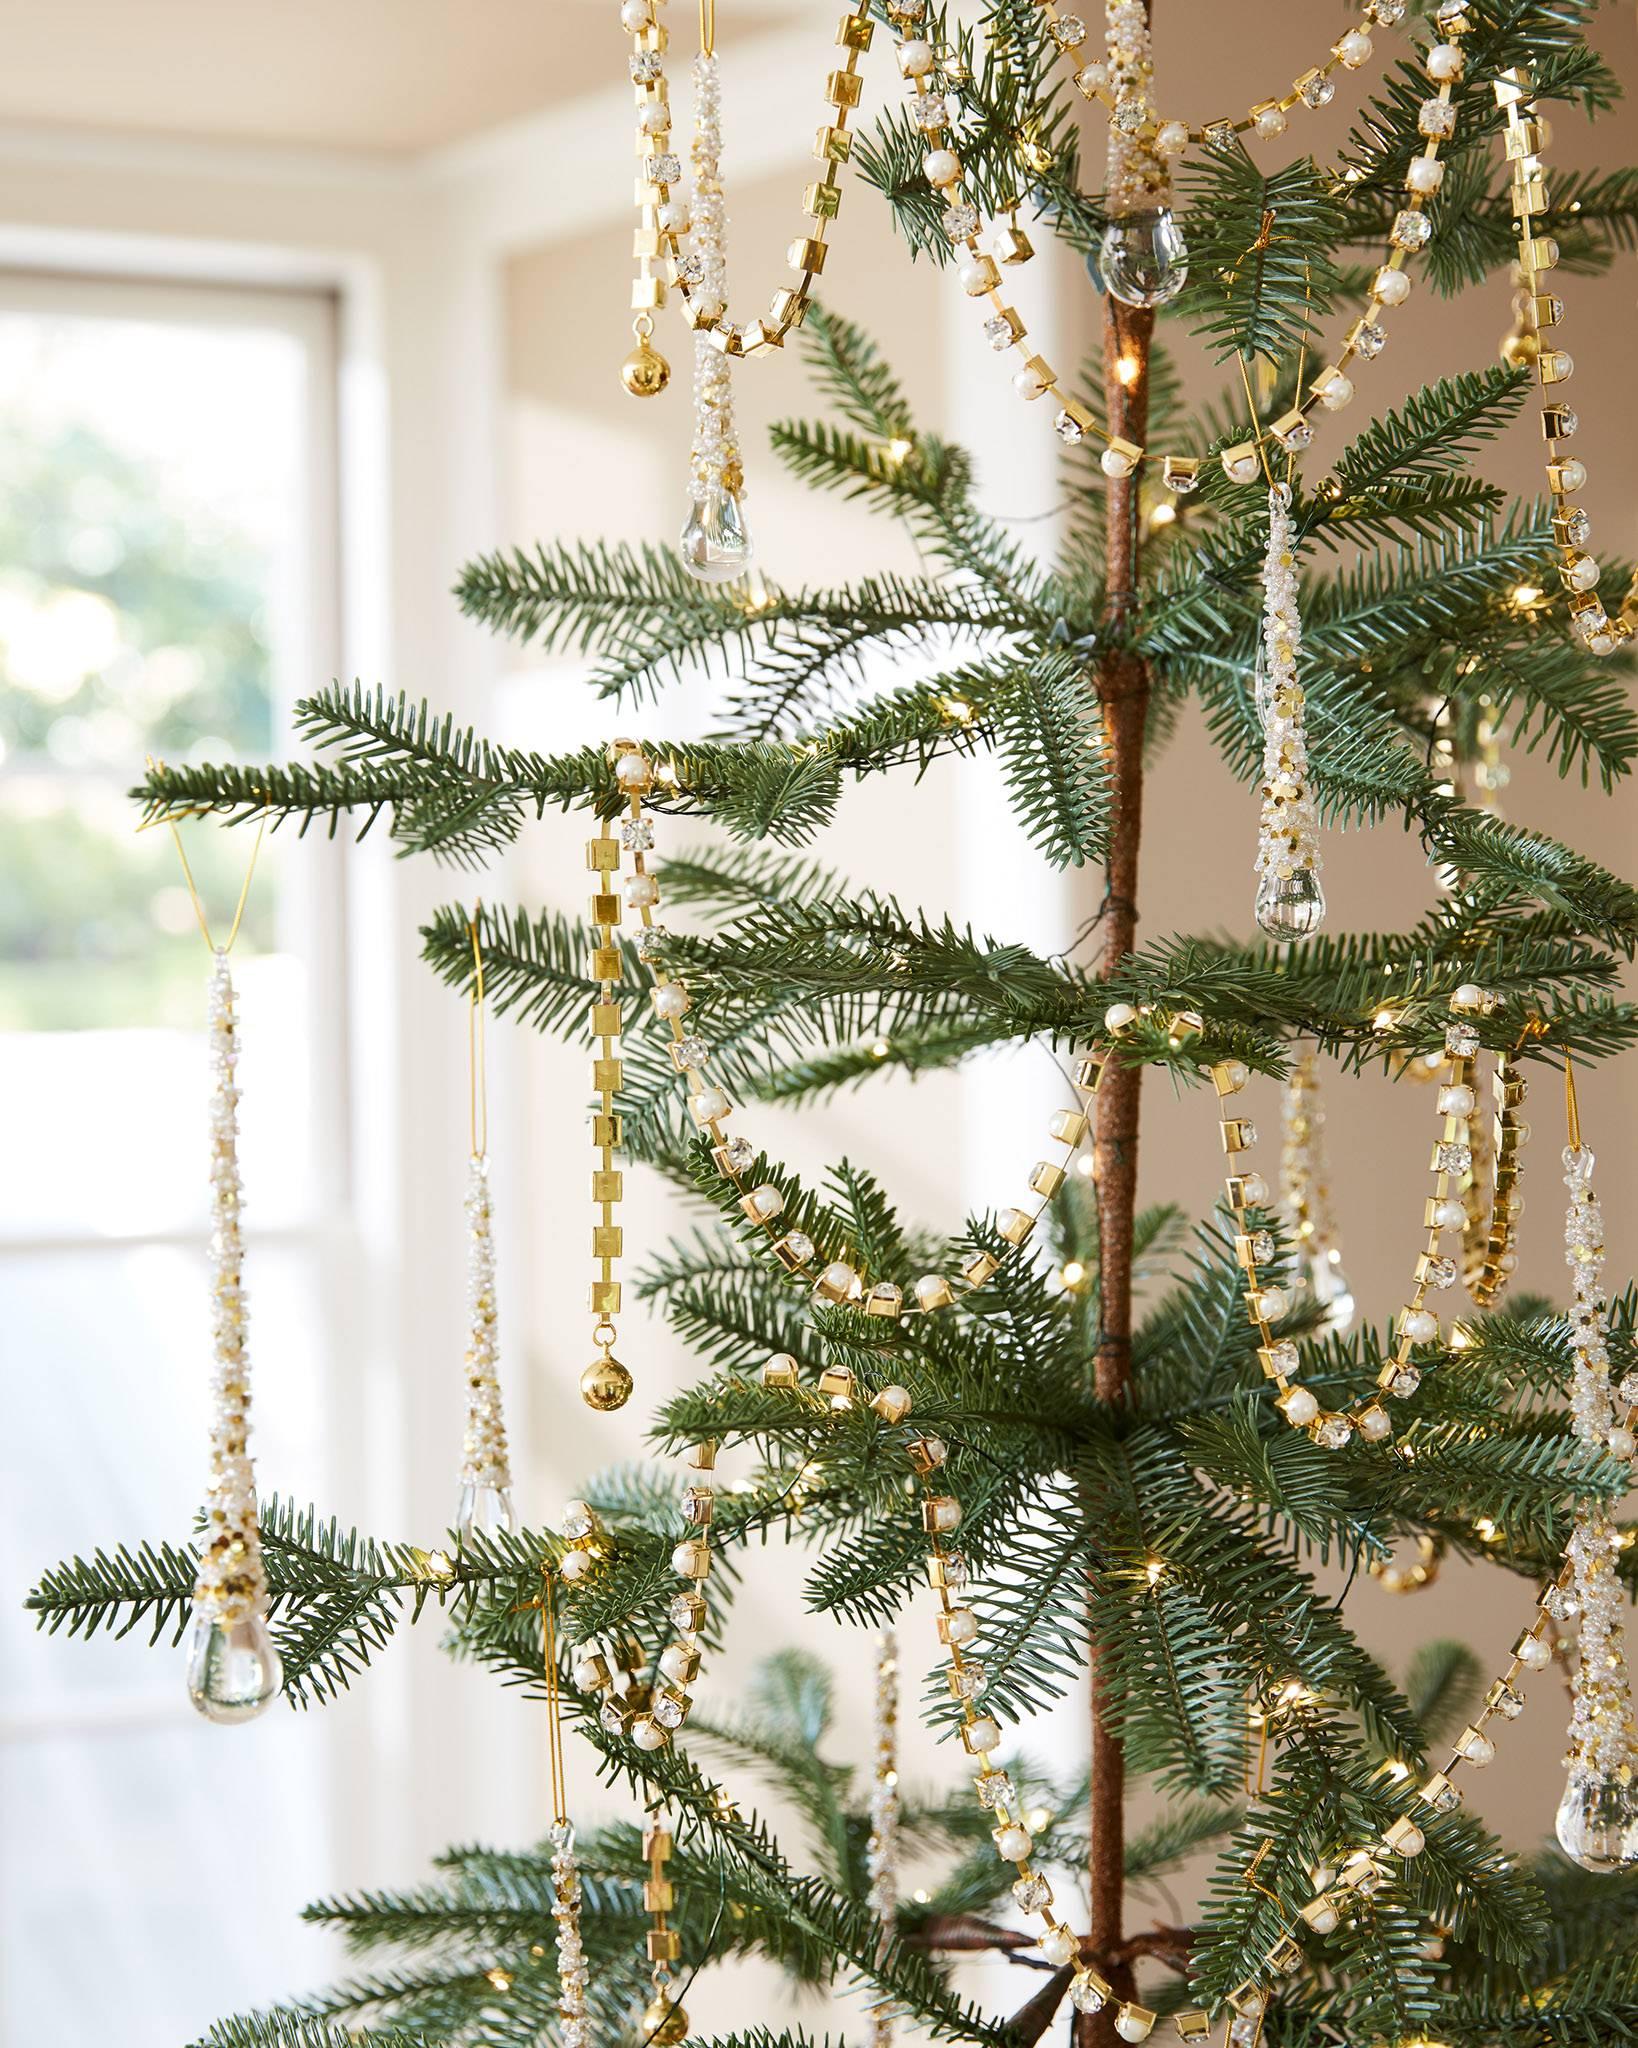 Alpine Balsam Fir Artificial Christmas